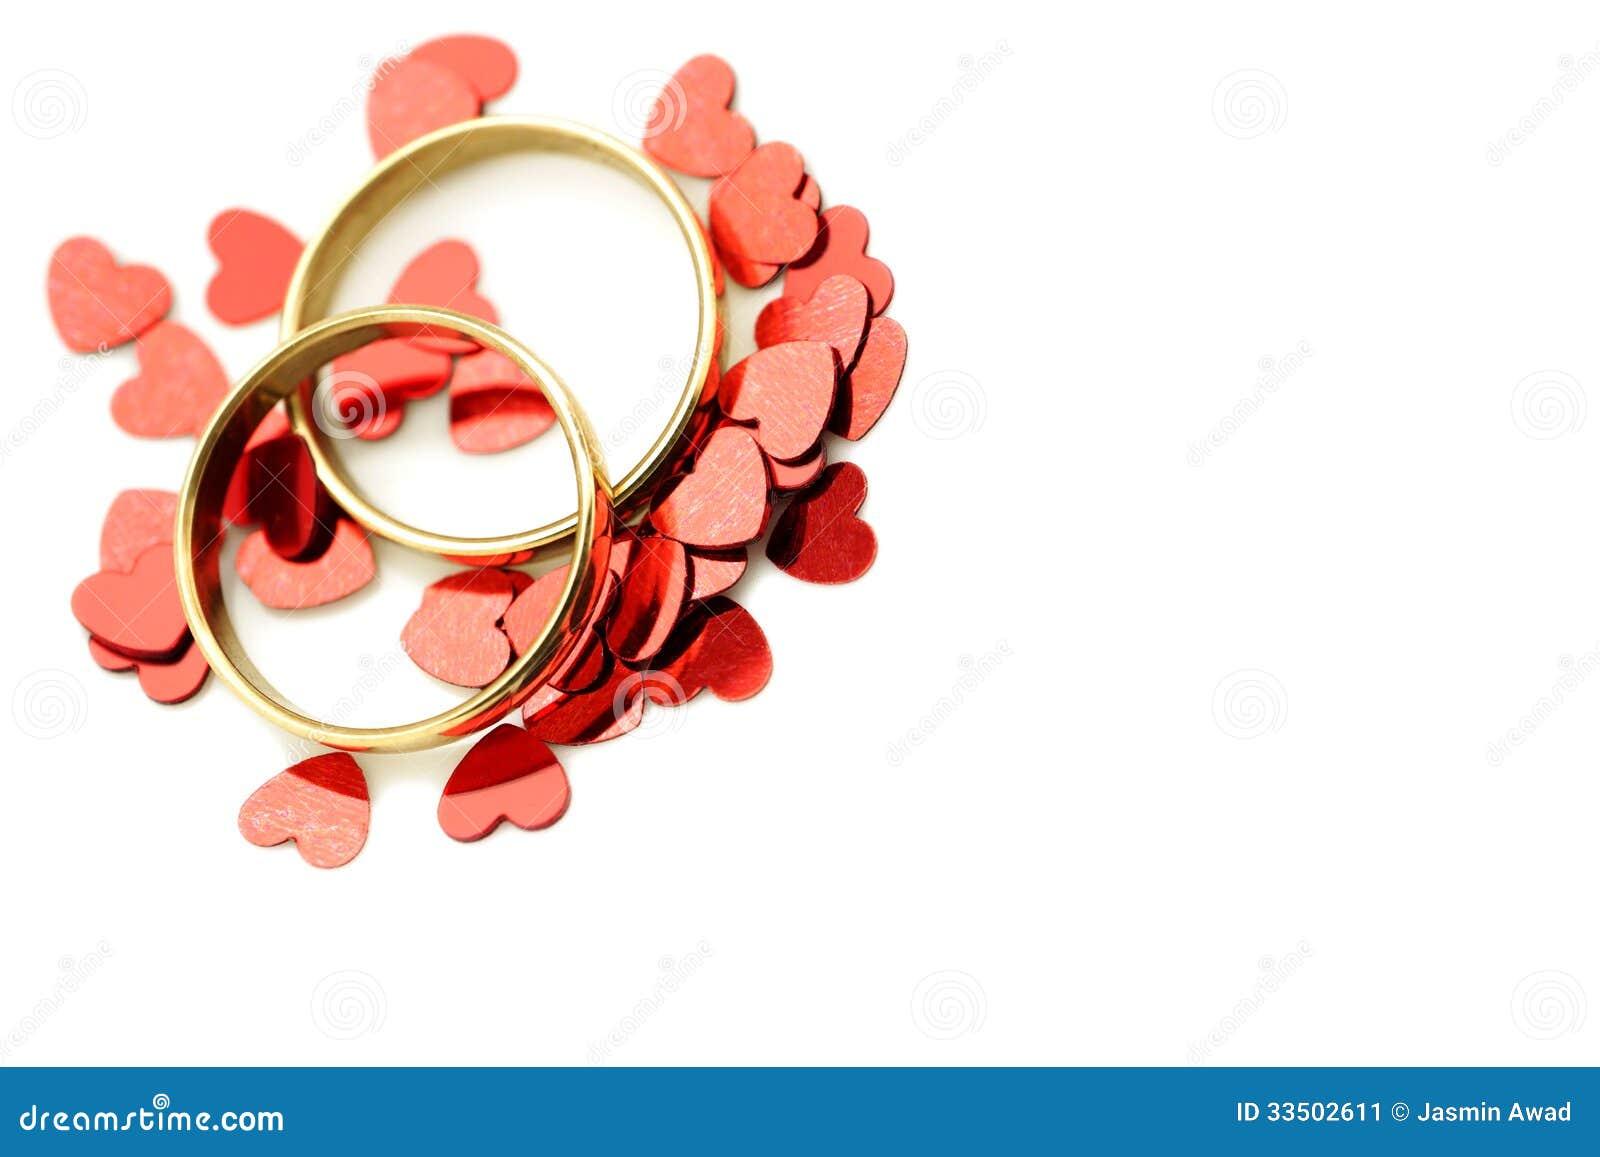 Obrączki ślubne z czerwonymi sercami